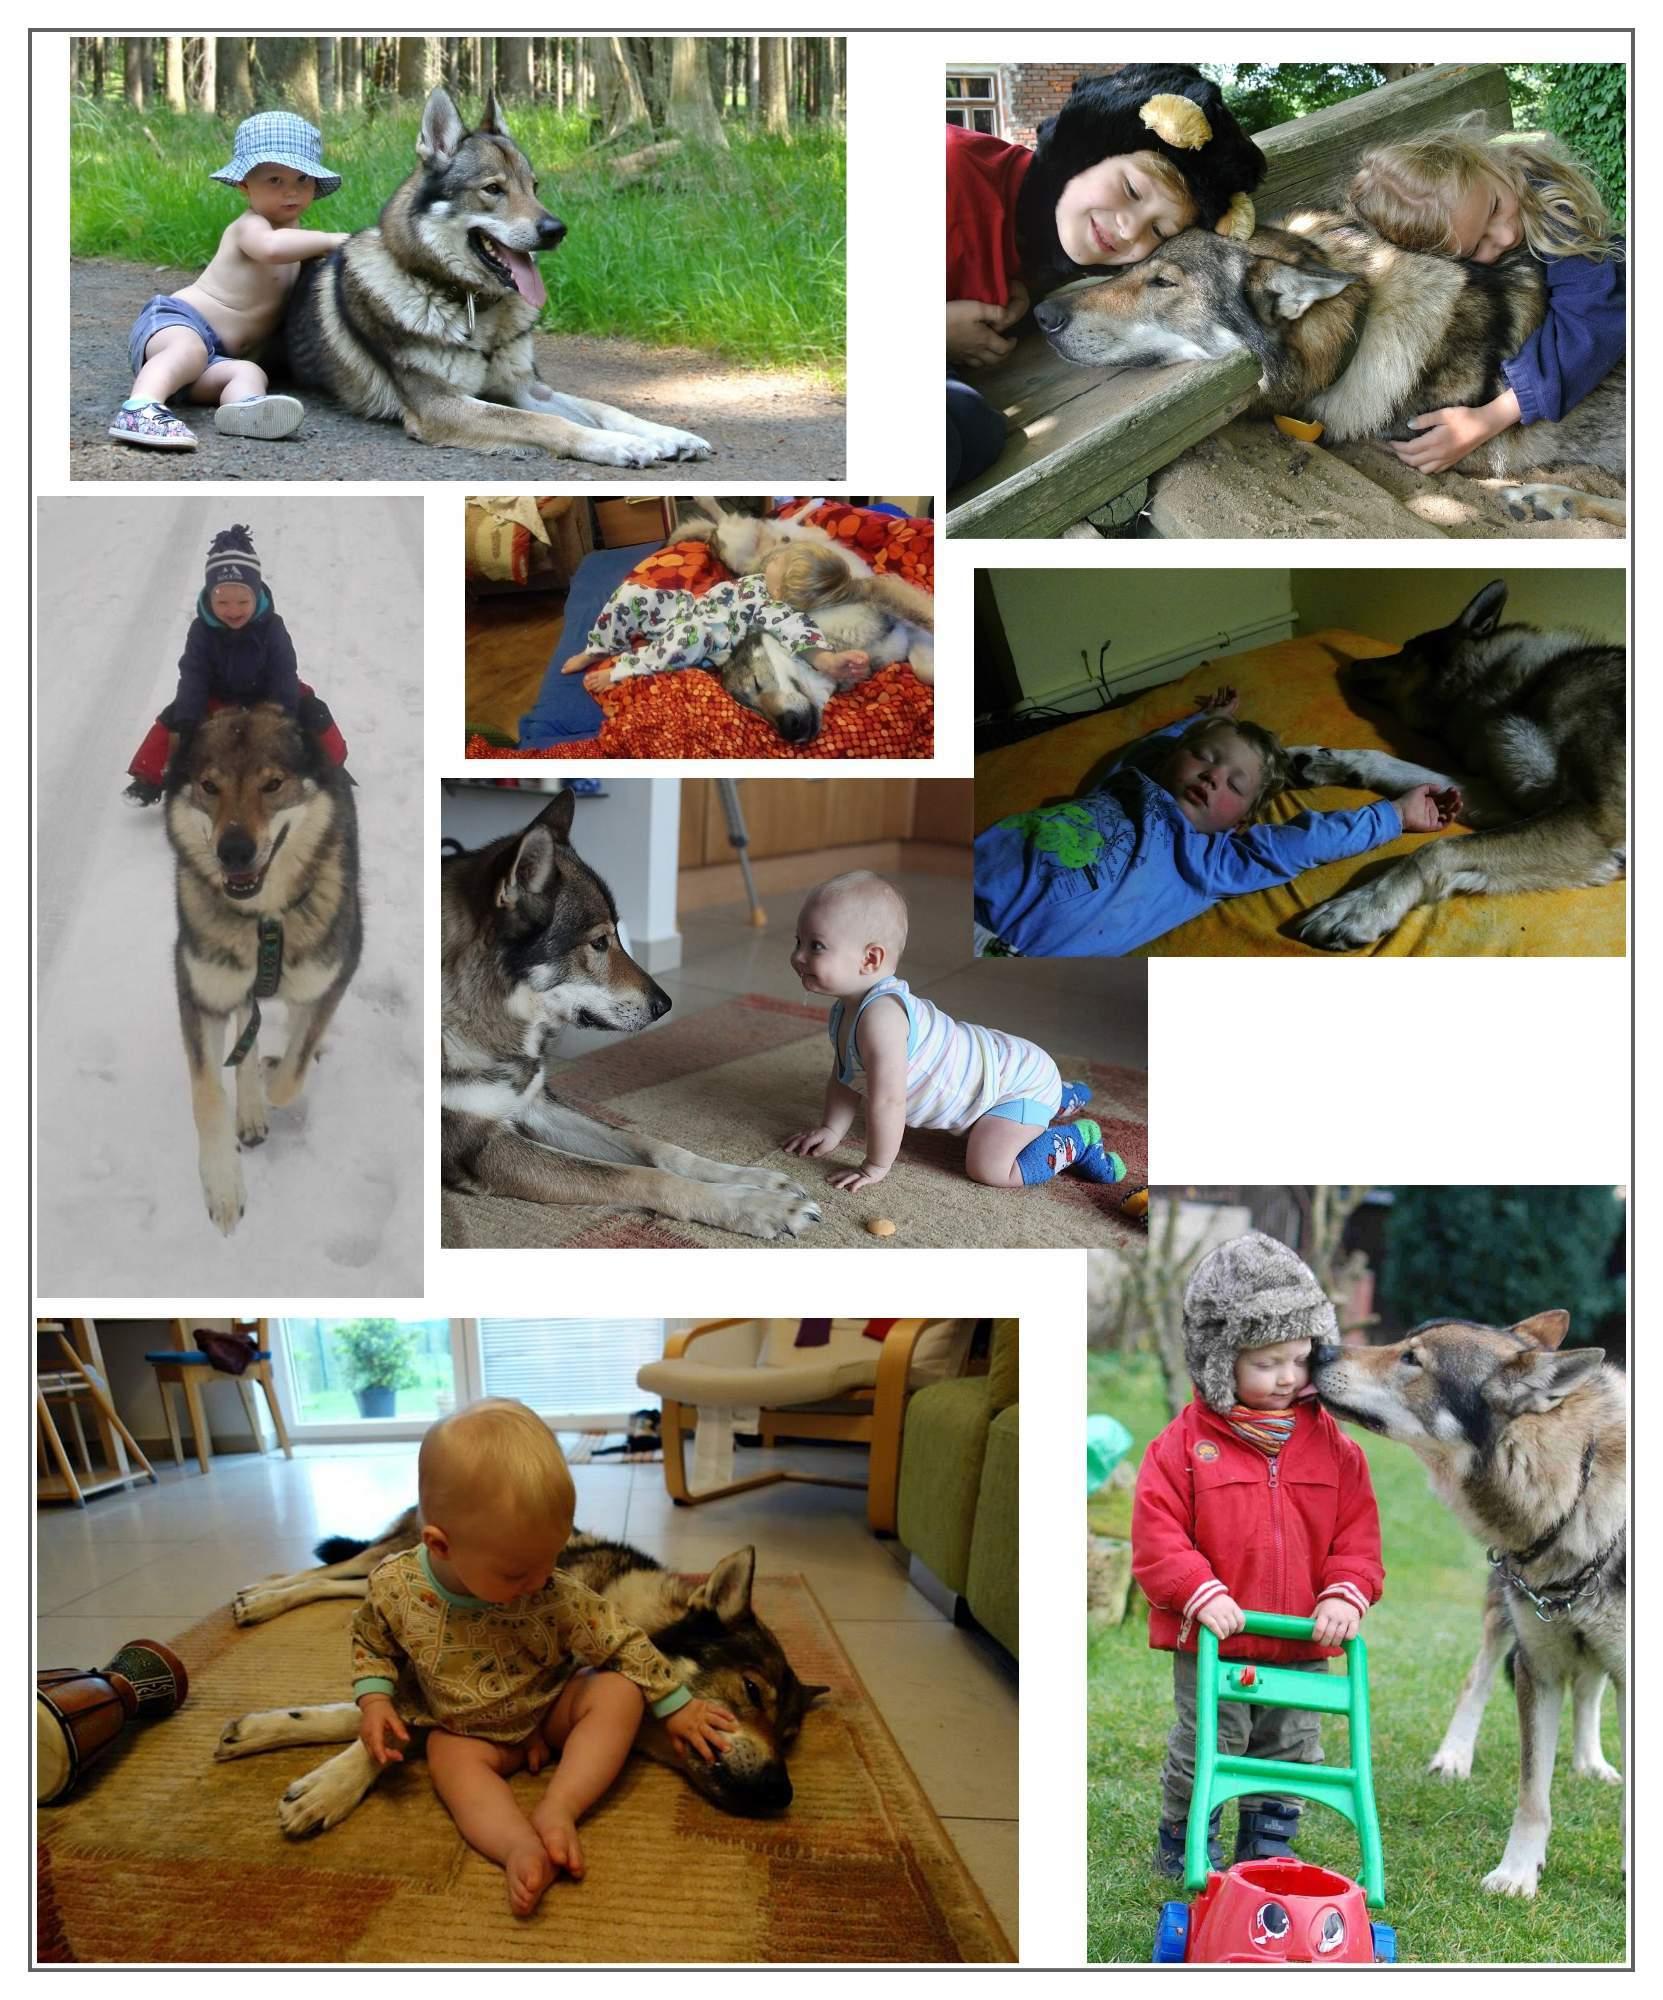 http://img24.rajce.idnes.cz/d2401/13/13140/13140815_c27656f67912f3dbf32c02b80e85ee75/images/rodinnpes.jpg?ver=0